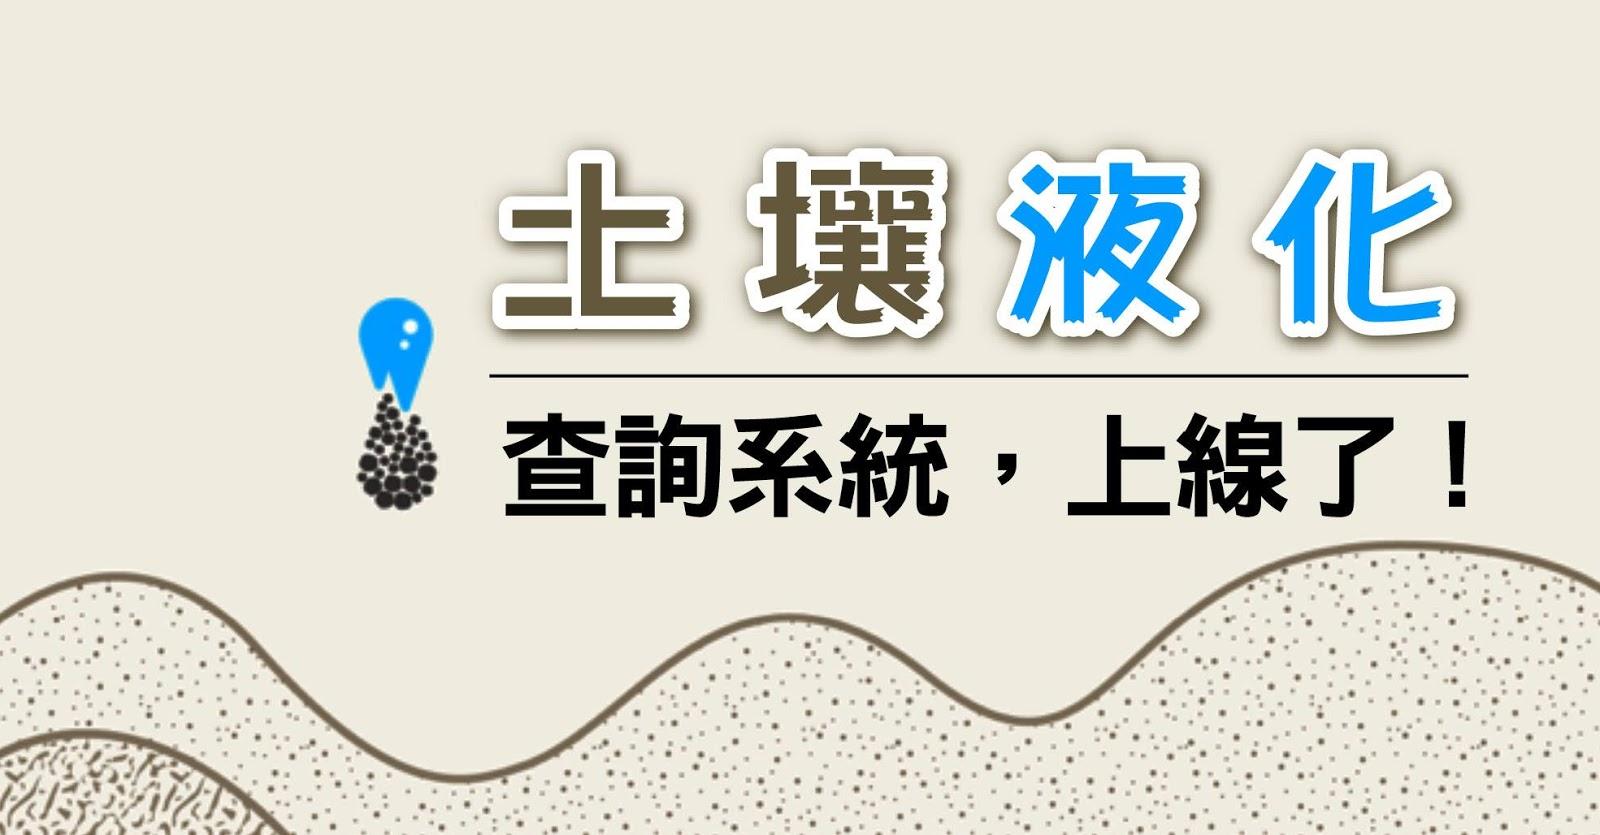 【南台強震】八縣市土壤液化潛勢圖 今上網公布 | 台灣環境資訊協會-環境資訊中心